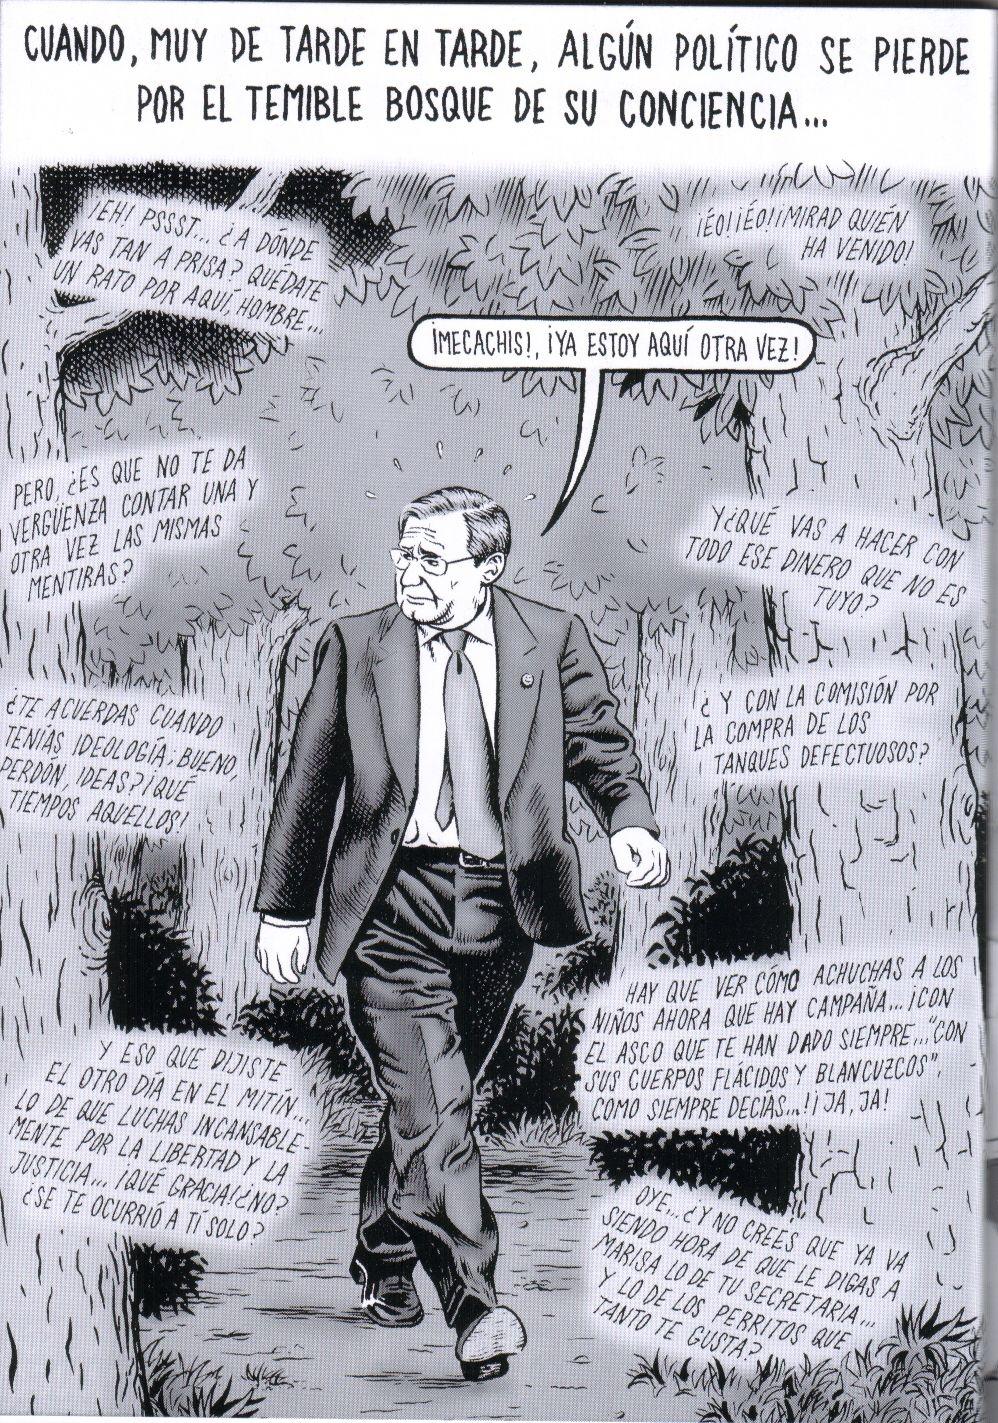 El bosque de la conciencia. Ilustración de Miguel Brieva